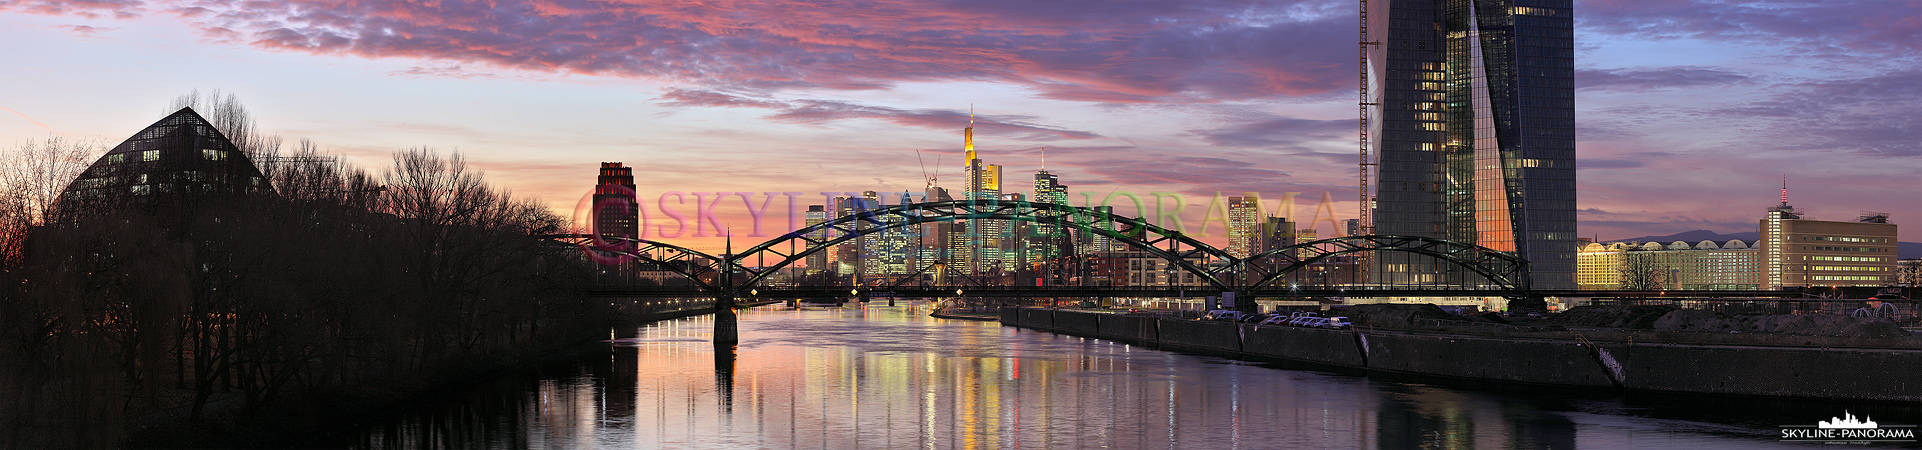 Frankfurt von der Osthafenbrücke